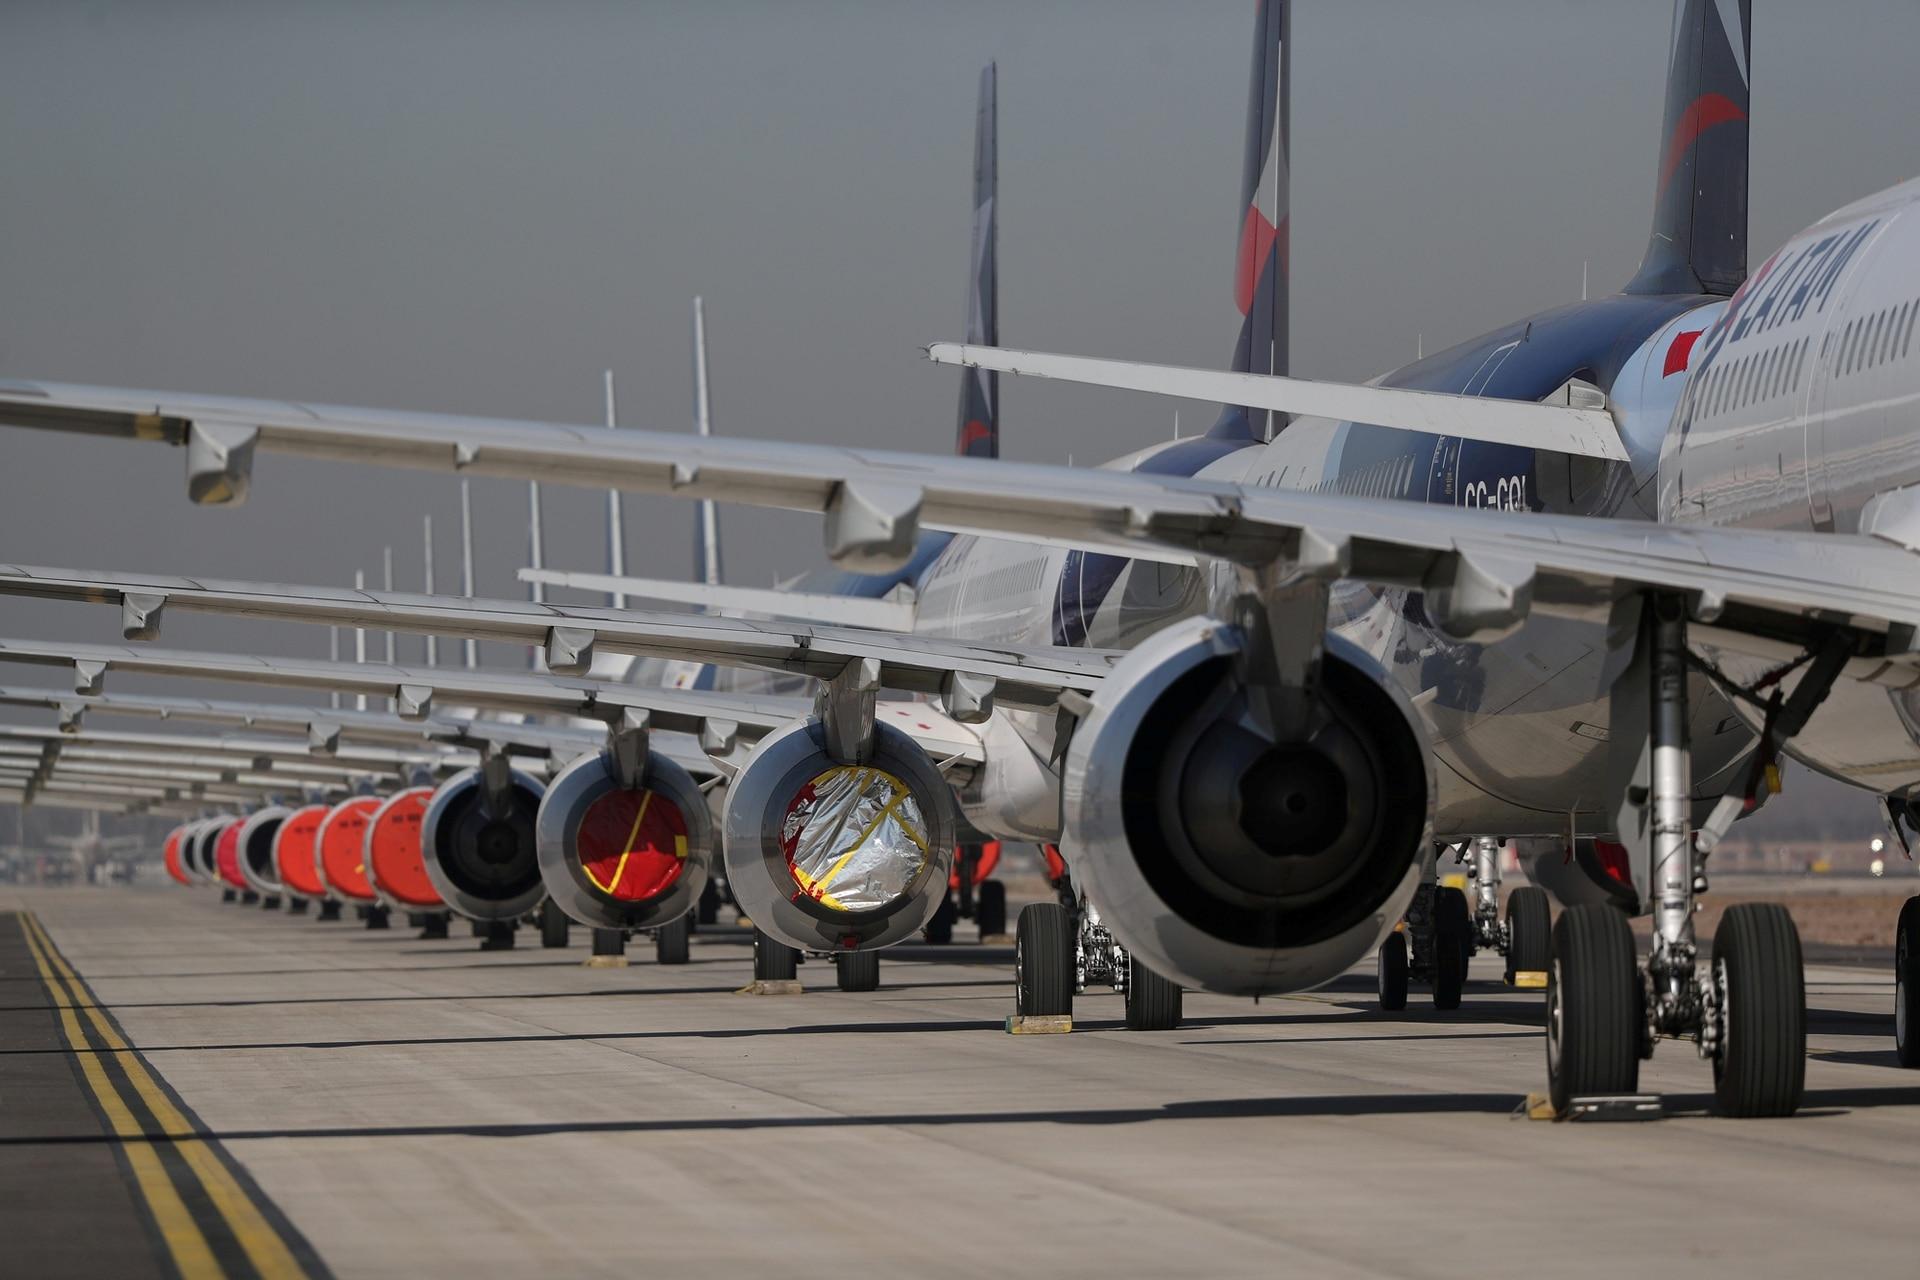 Aviones de pasajeros estacionados durante el confinamiento en Chile.